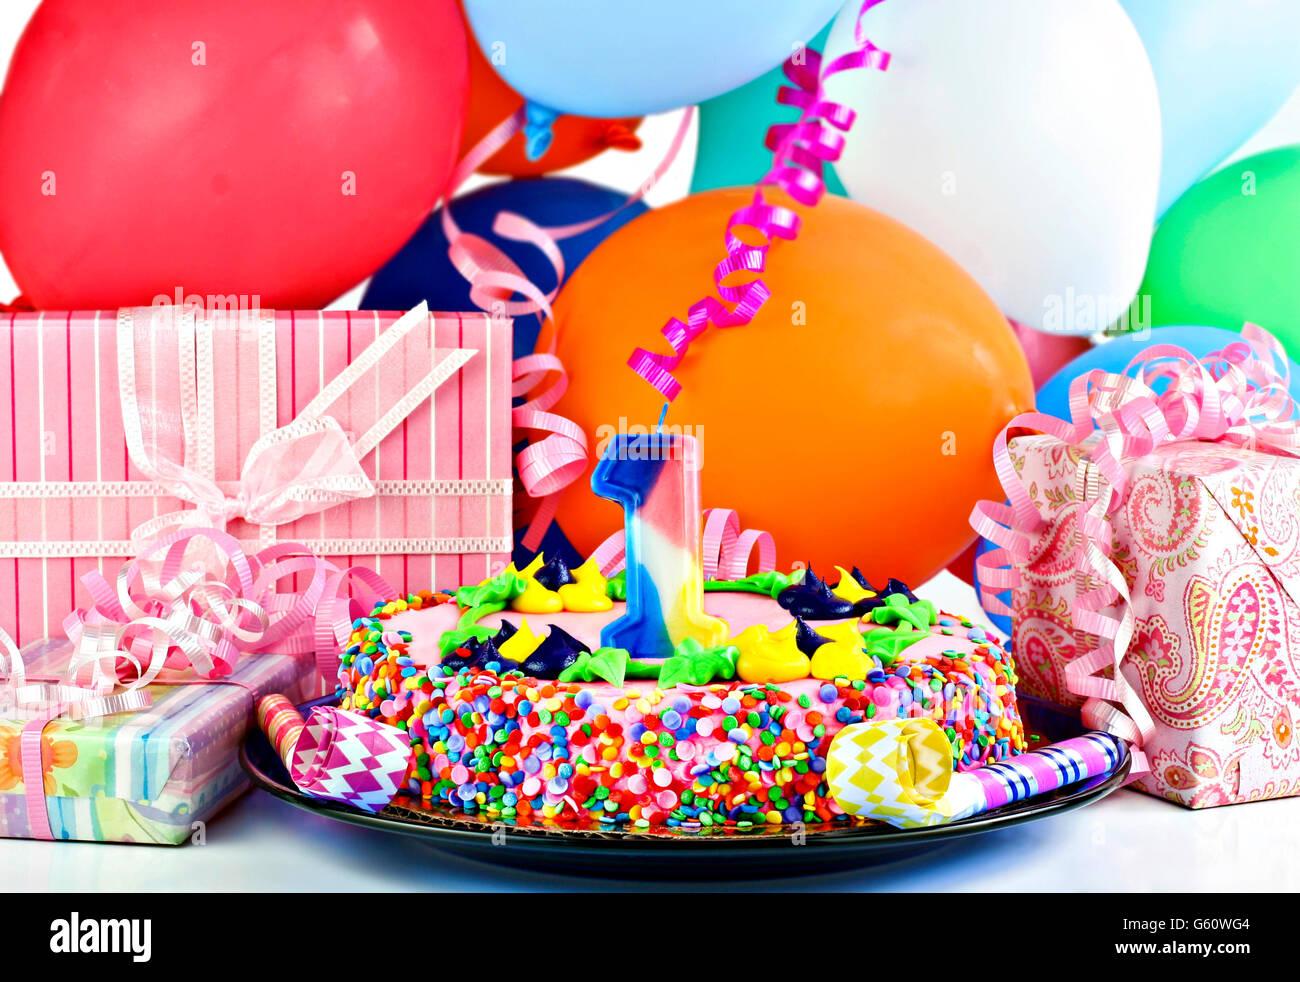 Pretty Pink Birthday Cake Mit Der Nummer 1 Kerze Kuchen Ist Durch Geschenke Party Luftballons Poppers Und Bandern Umgeben